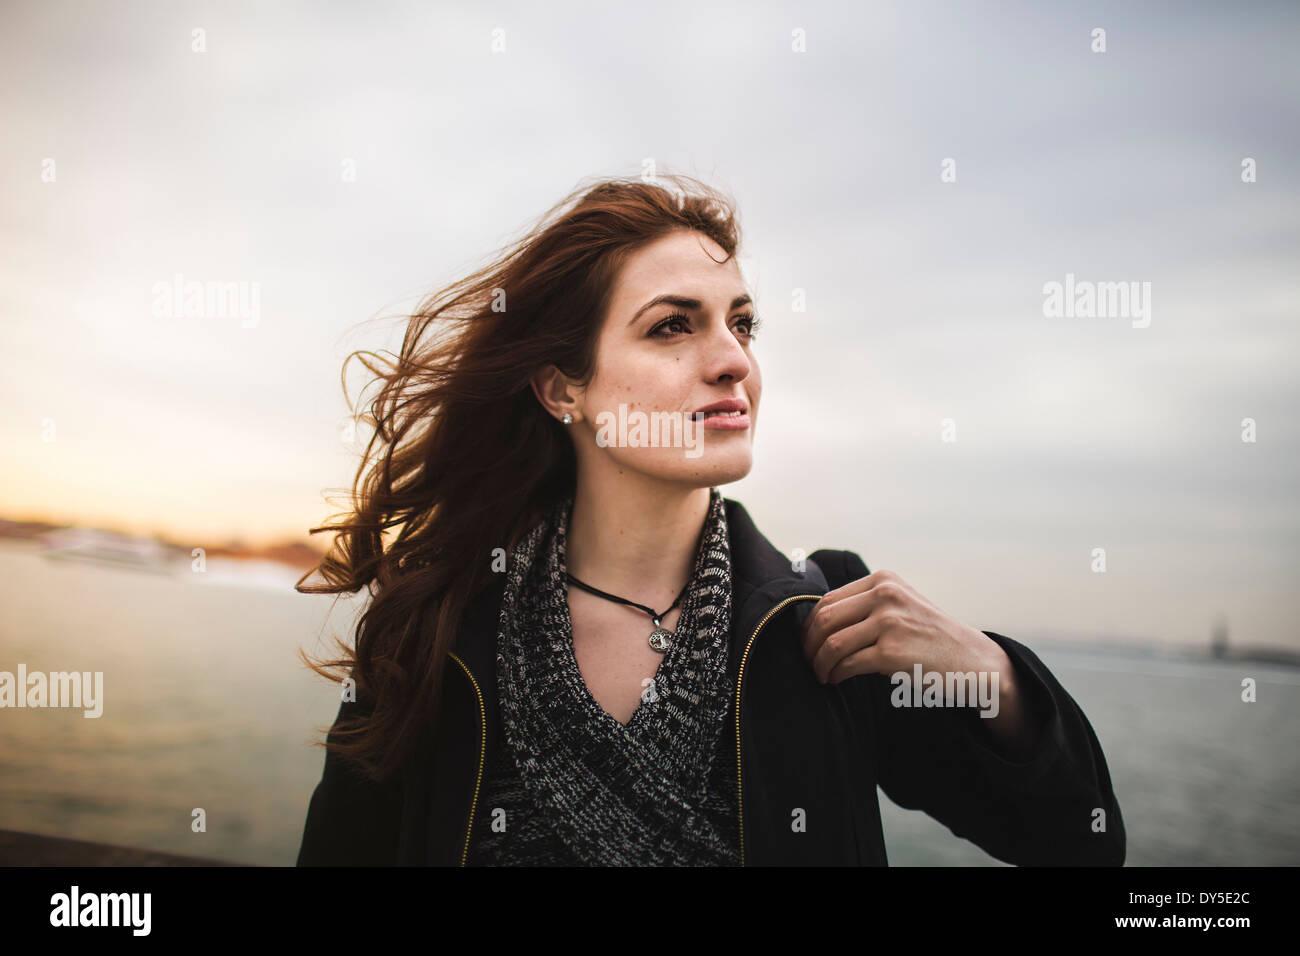 Mujer joven junto al río Hudson, Nueva York, EE.UU. Imagen De Stock